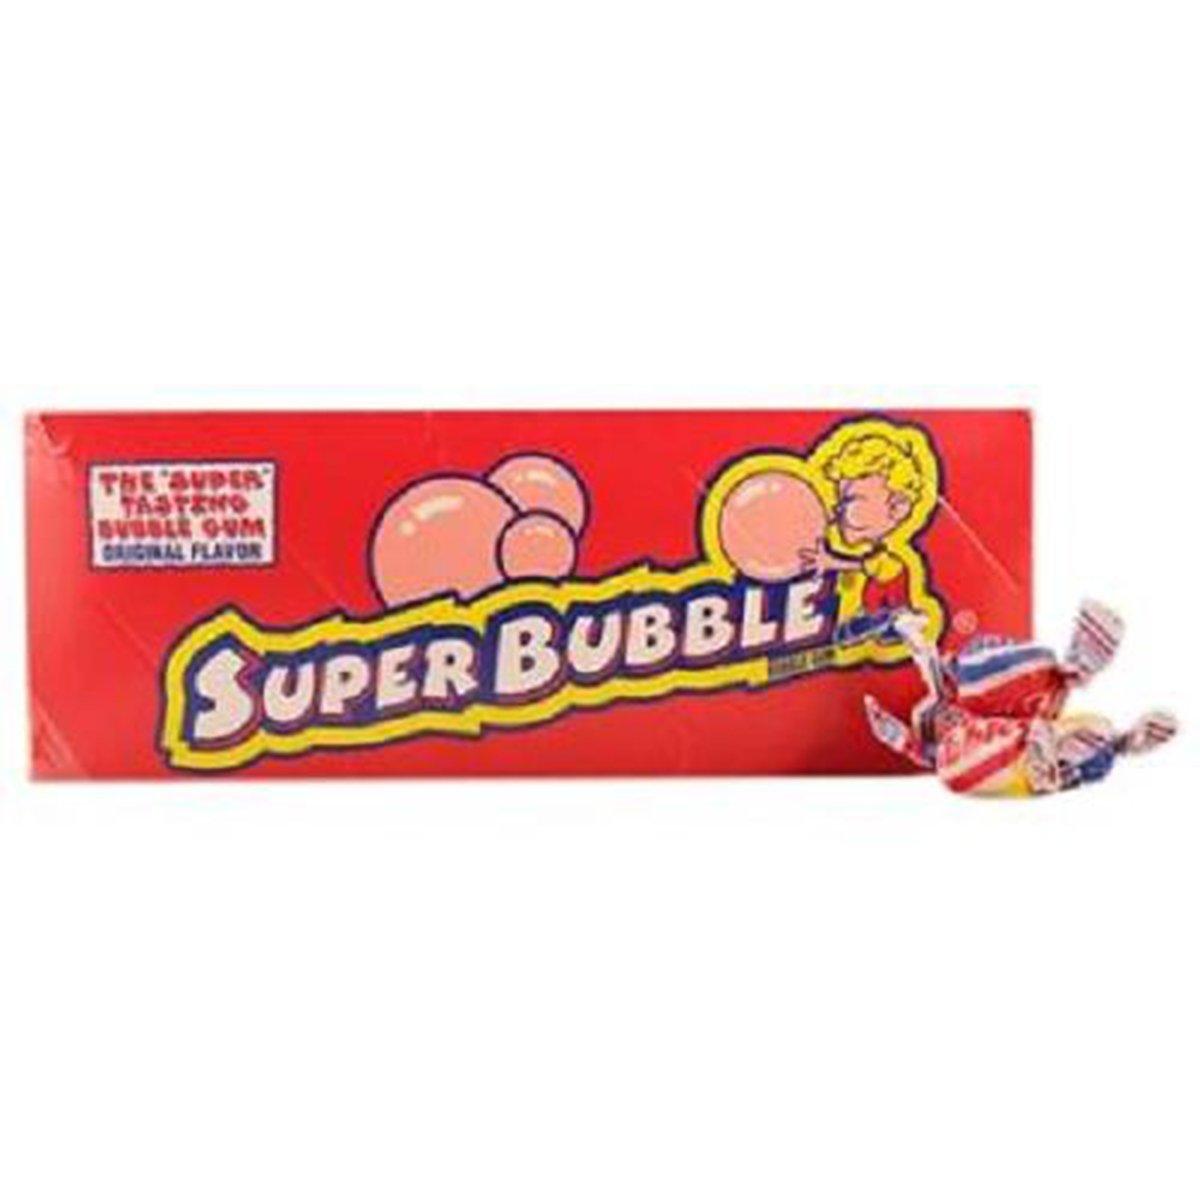 Super Bubble, Bubble Gum Original, Count 300 X 2 (Package Quantity 2) Gum - (Buy Bulk at a Wholesale Price)